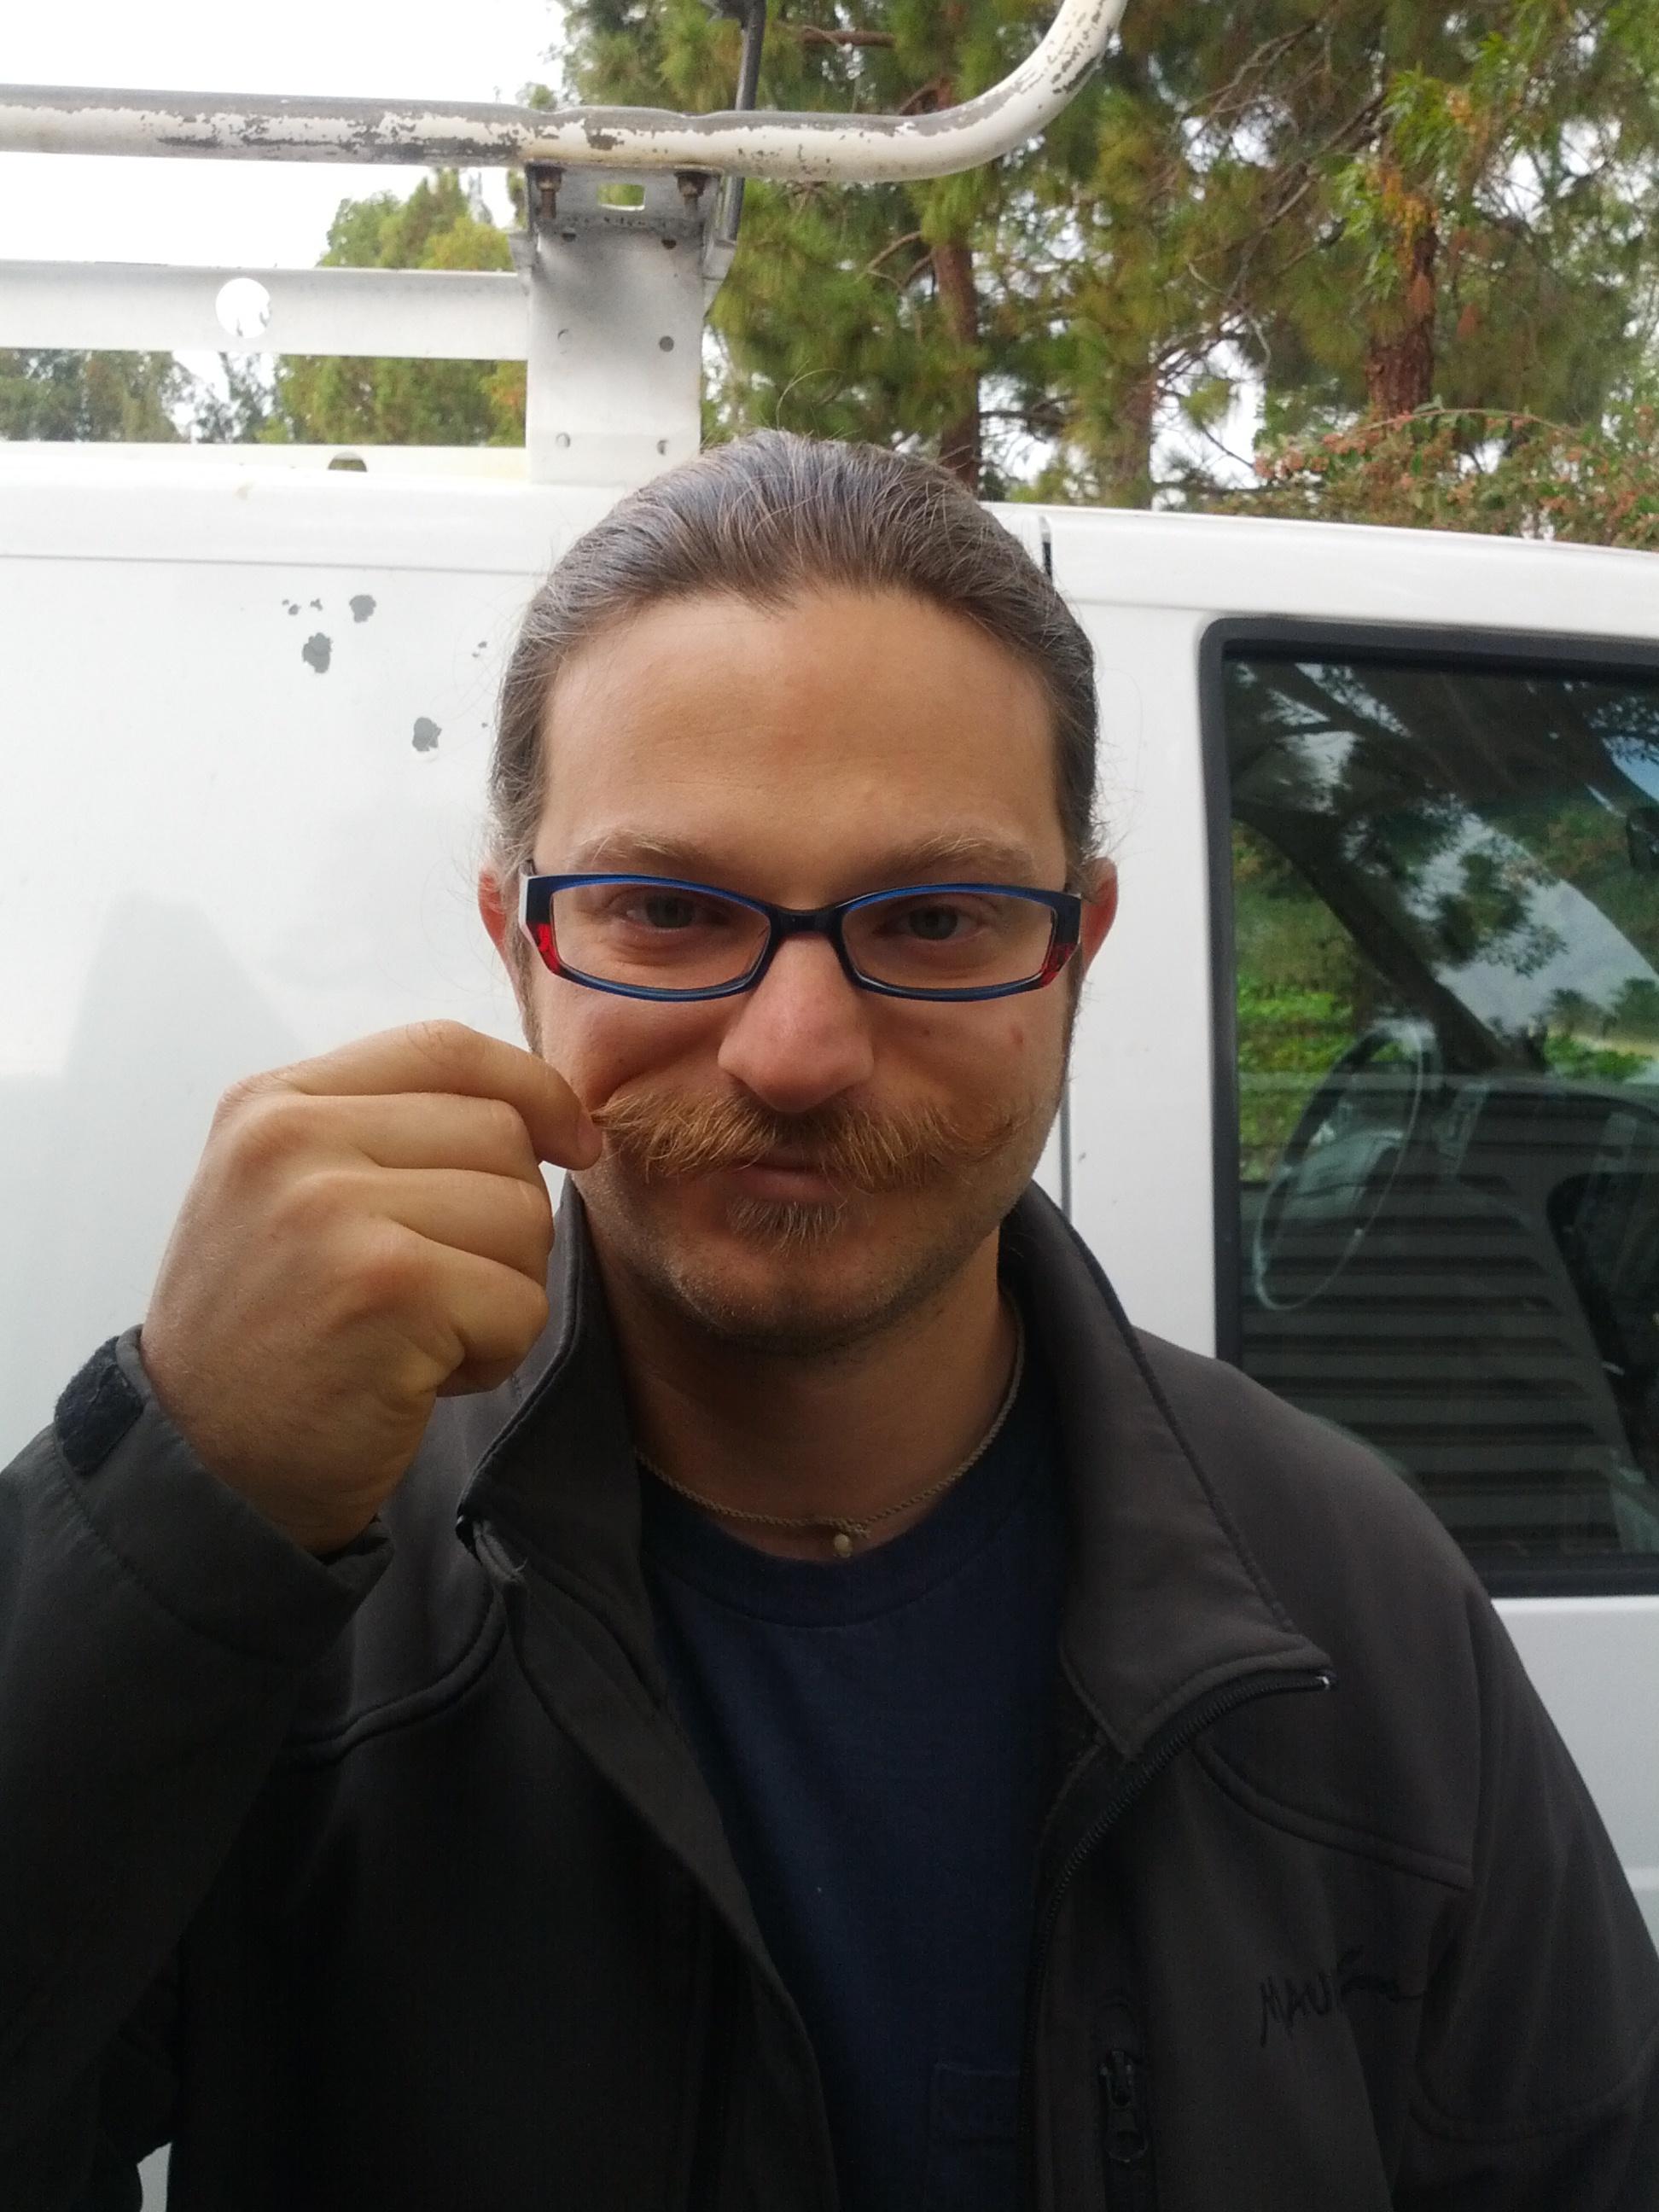 Pete mustache